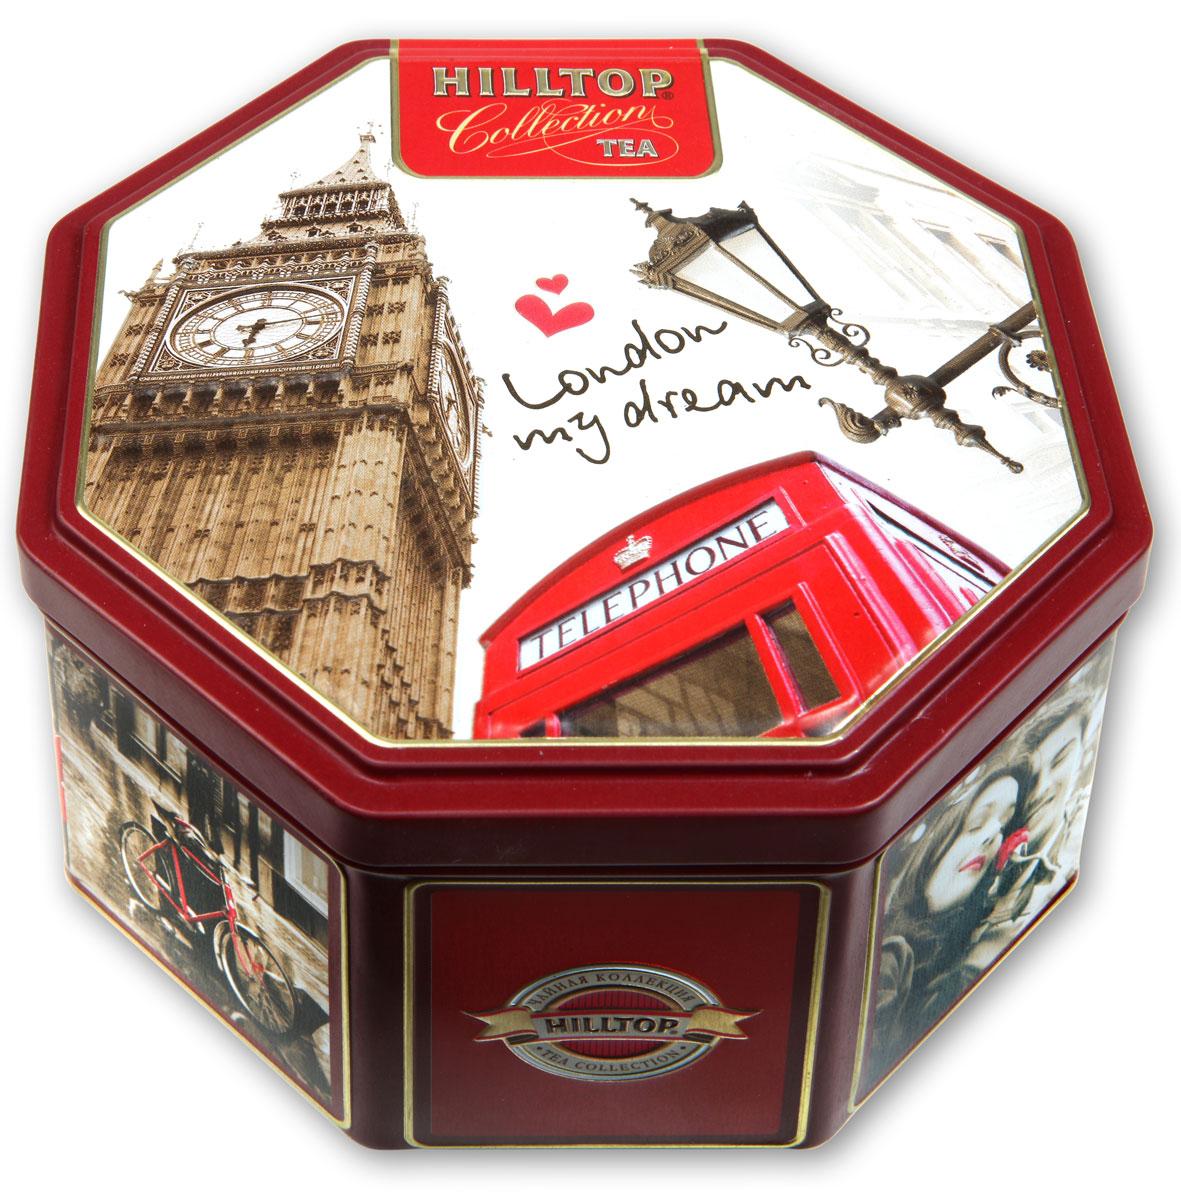 Hilltop Прогулки по Лондону черный листовой чай, 150 г прогулки по казани